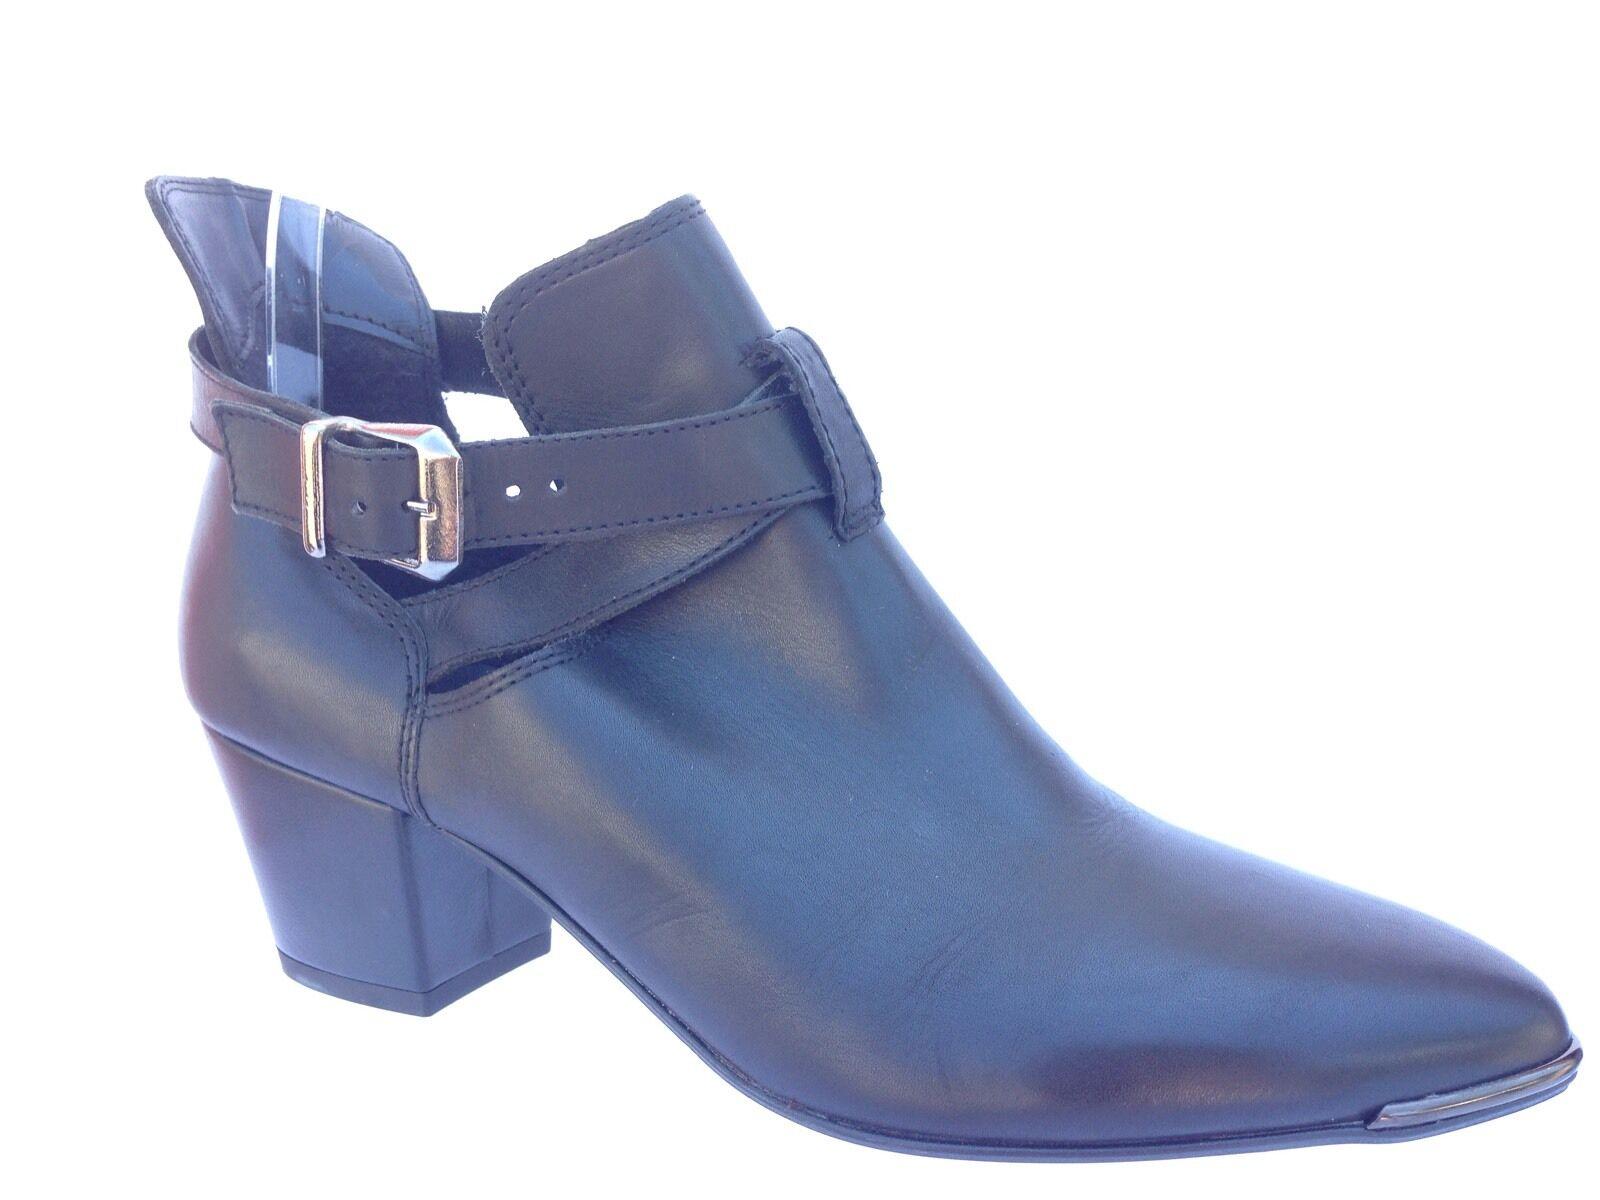 Damenschuhe Kurt Geiger Carvela schwarz Leder ankle boots/ schuhe sz. 40